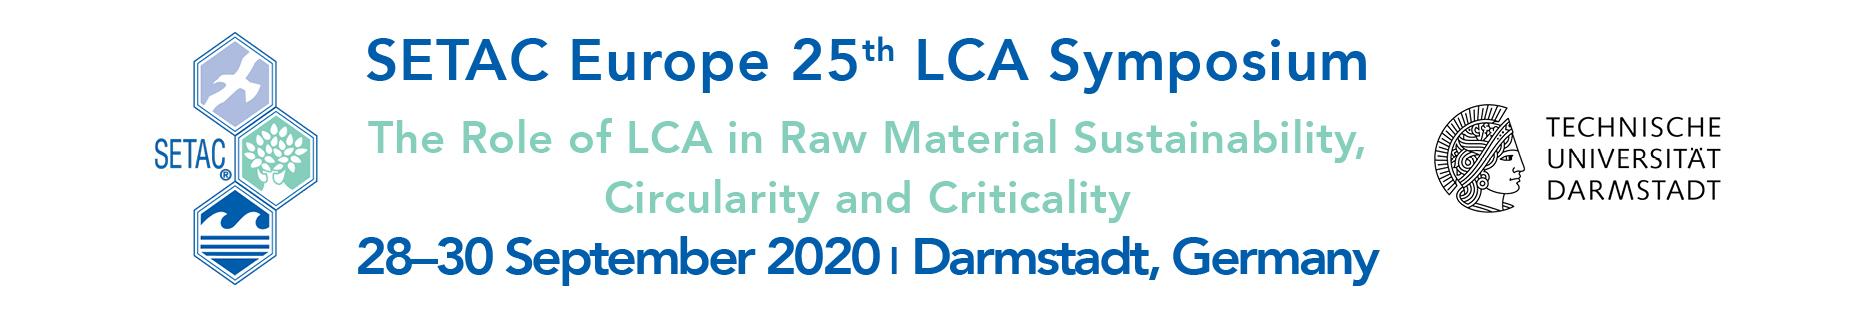 SETAC LCA 2020 Logo